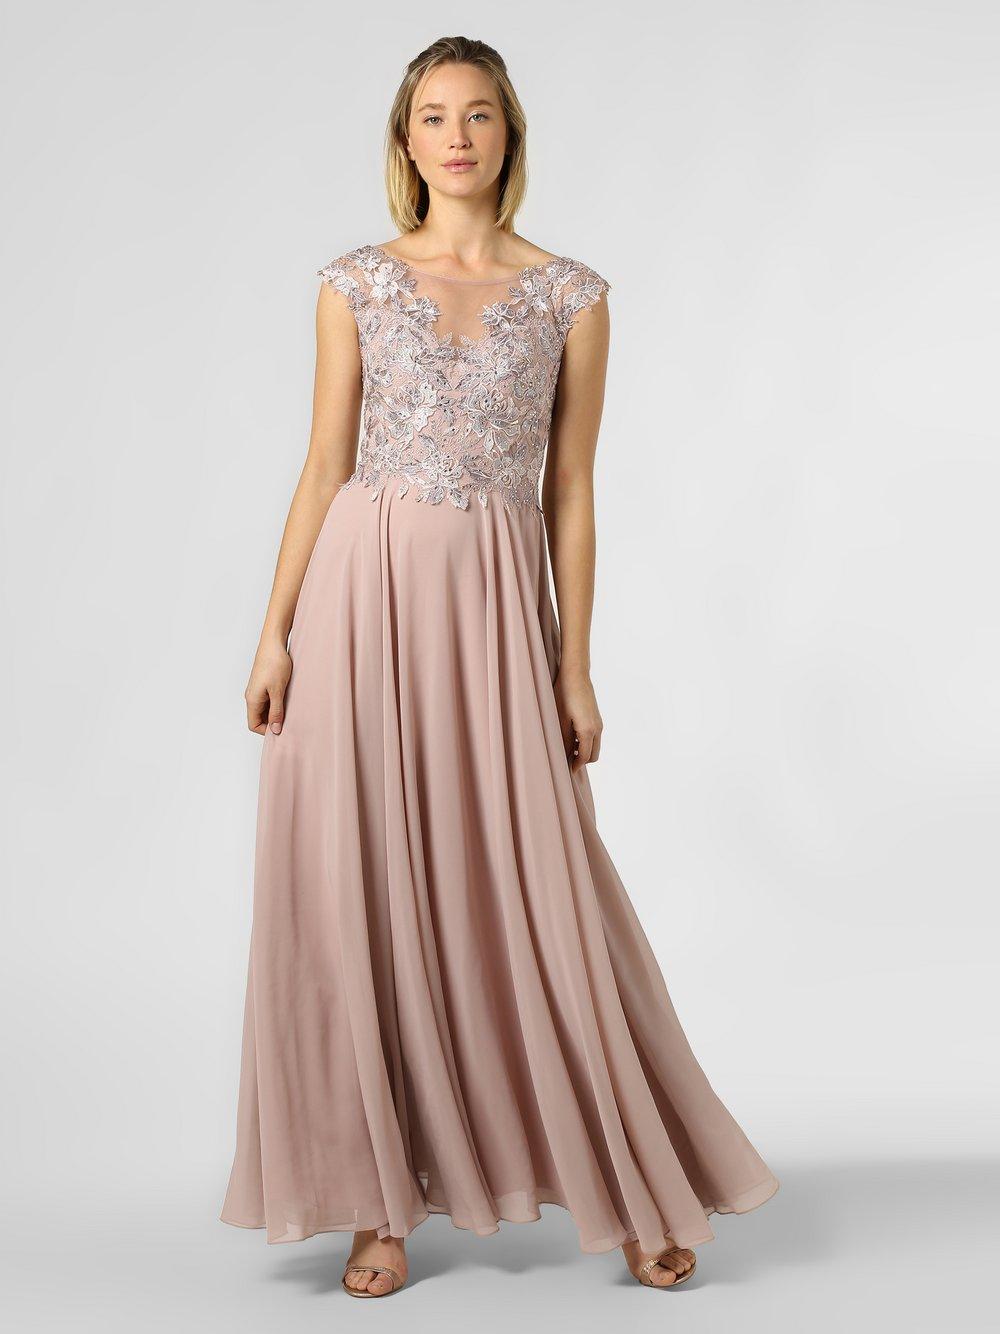 Luxuar Fashion - Damska sukienka wieczorowa, różowy